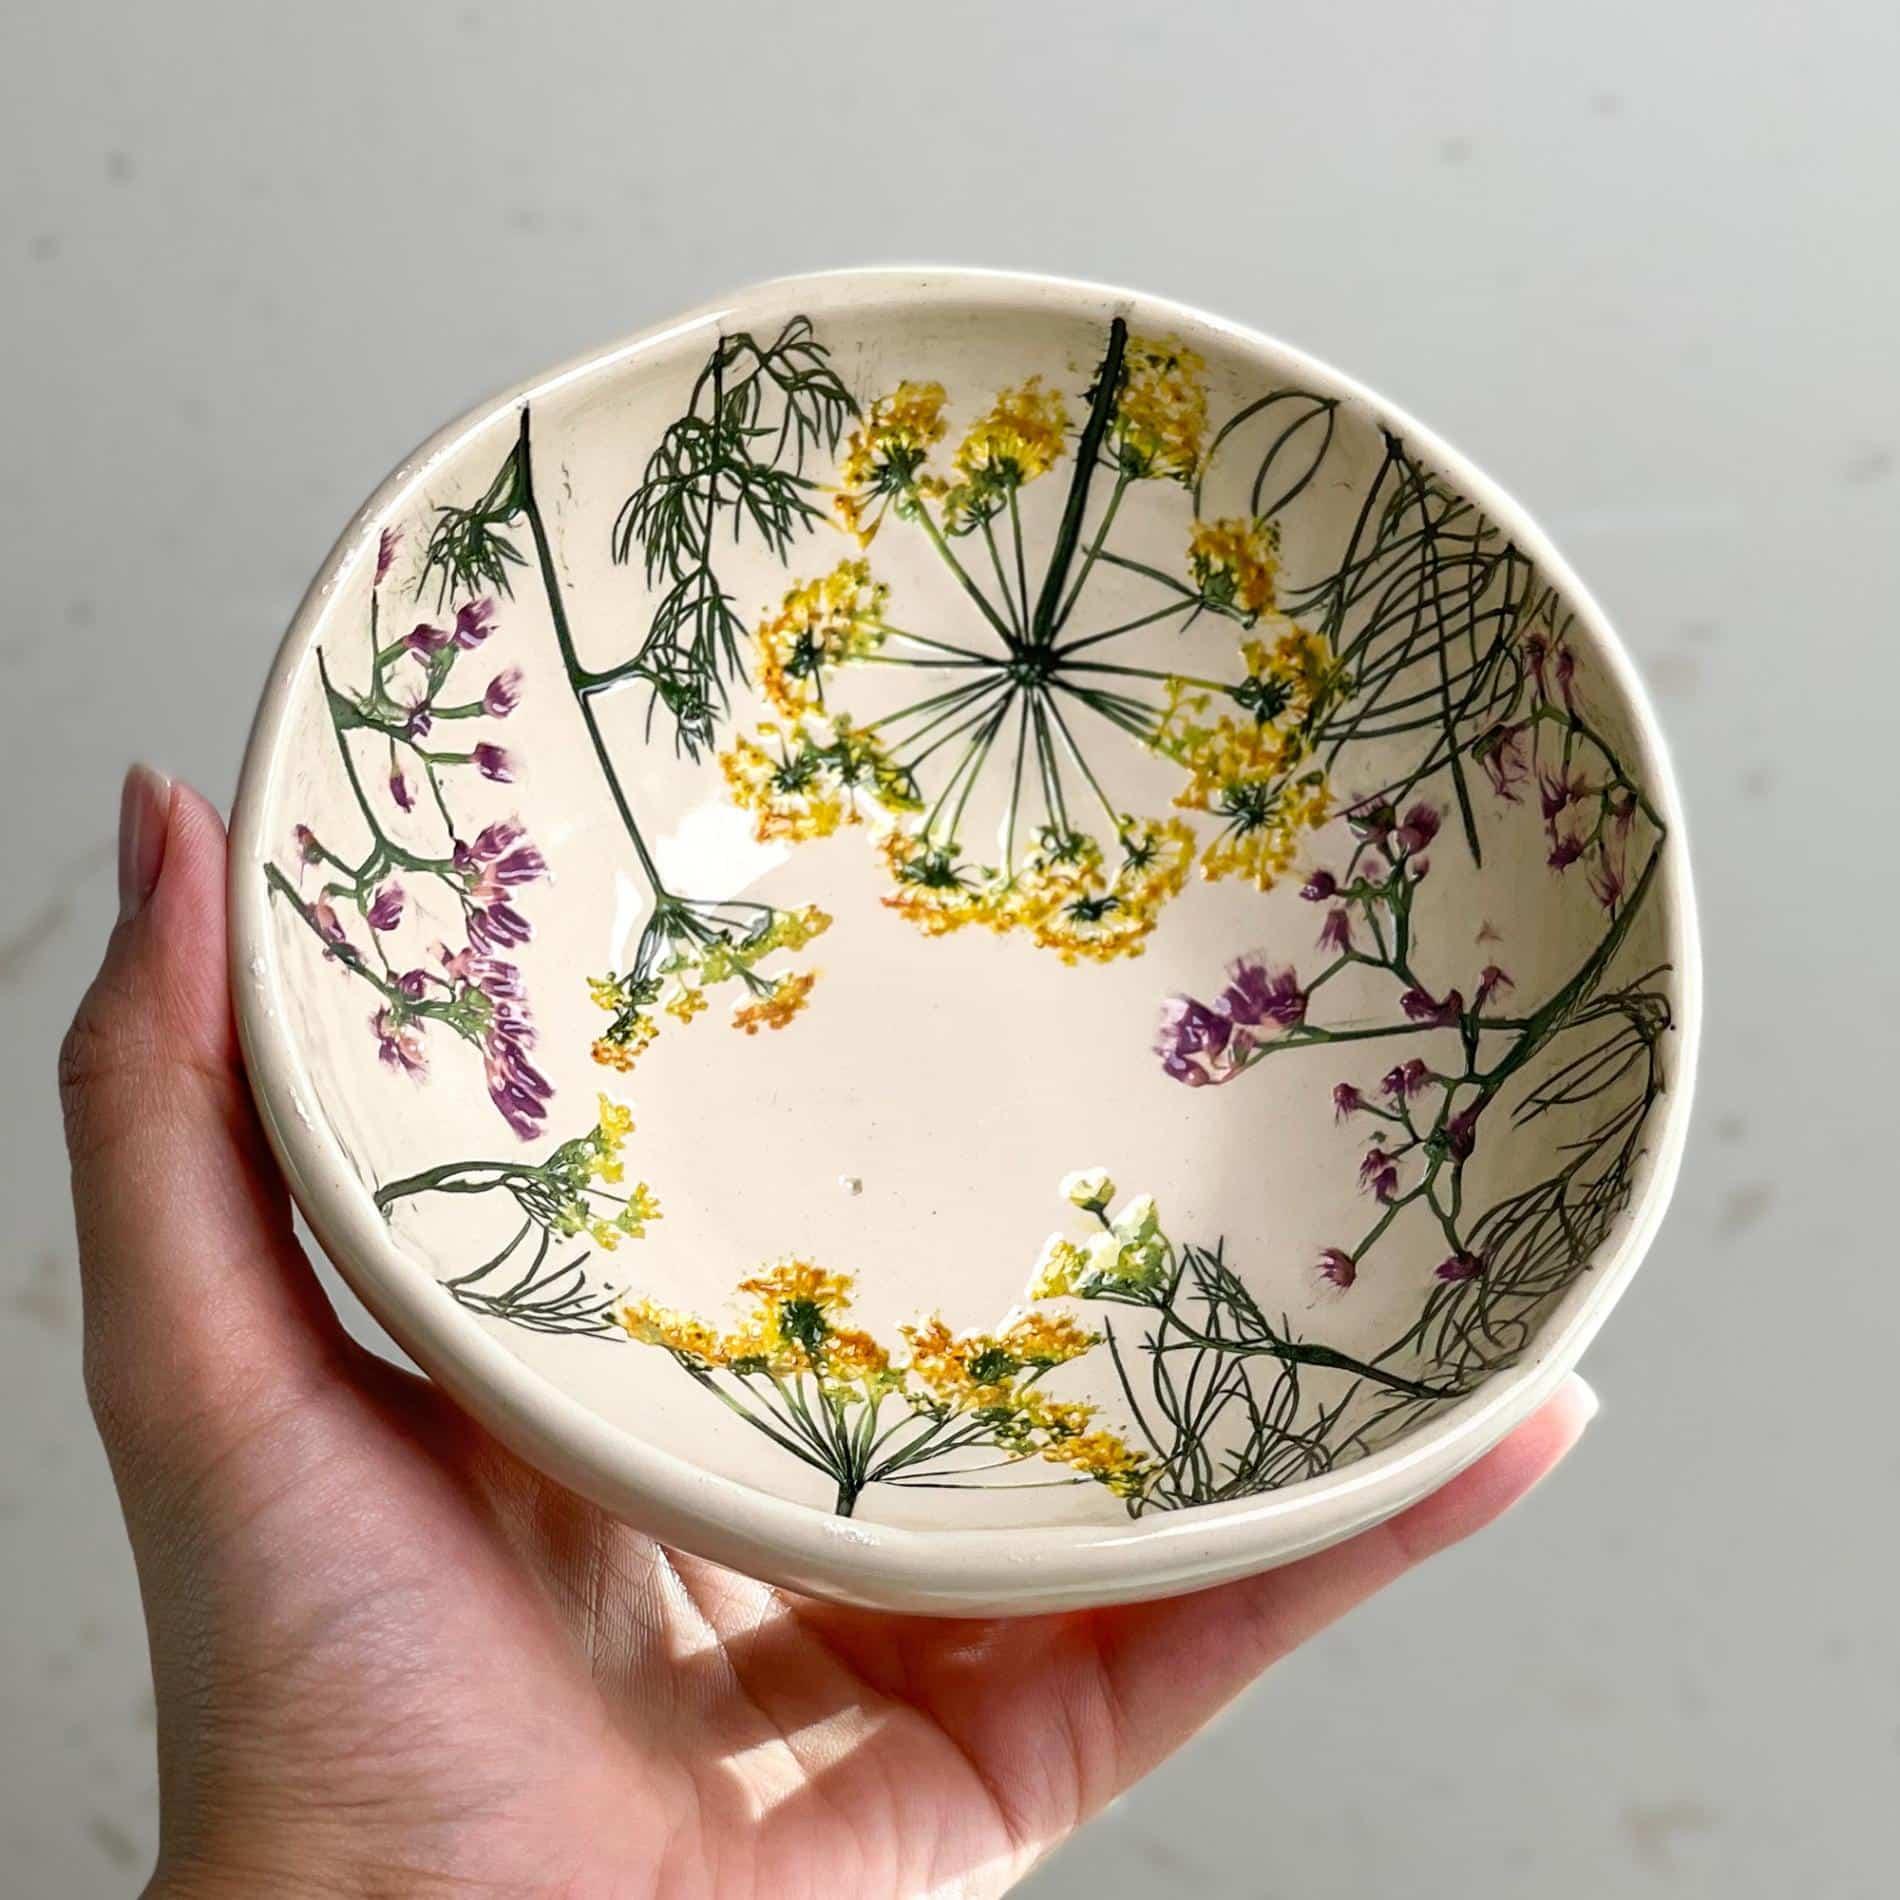 Hessa Al Ajmani bowl ceram,ica flores